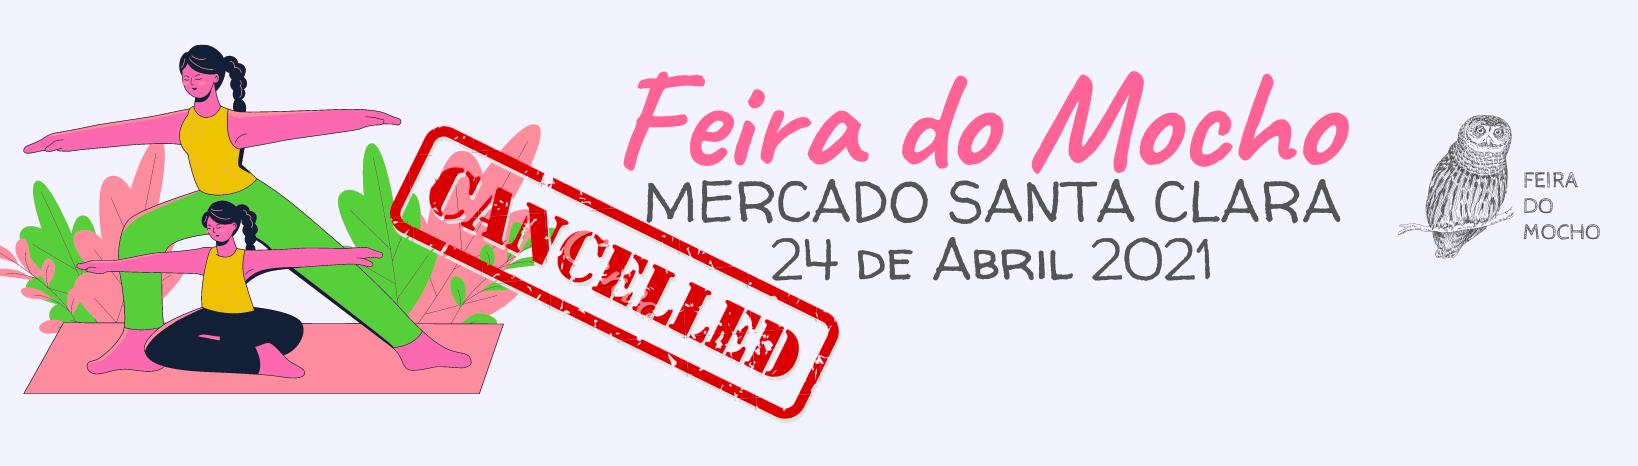 DIA DA MÃE_MERCADO CANCELADO